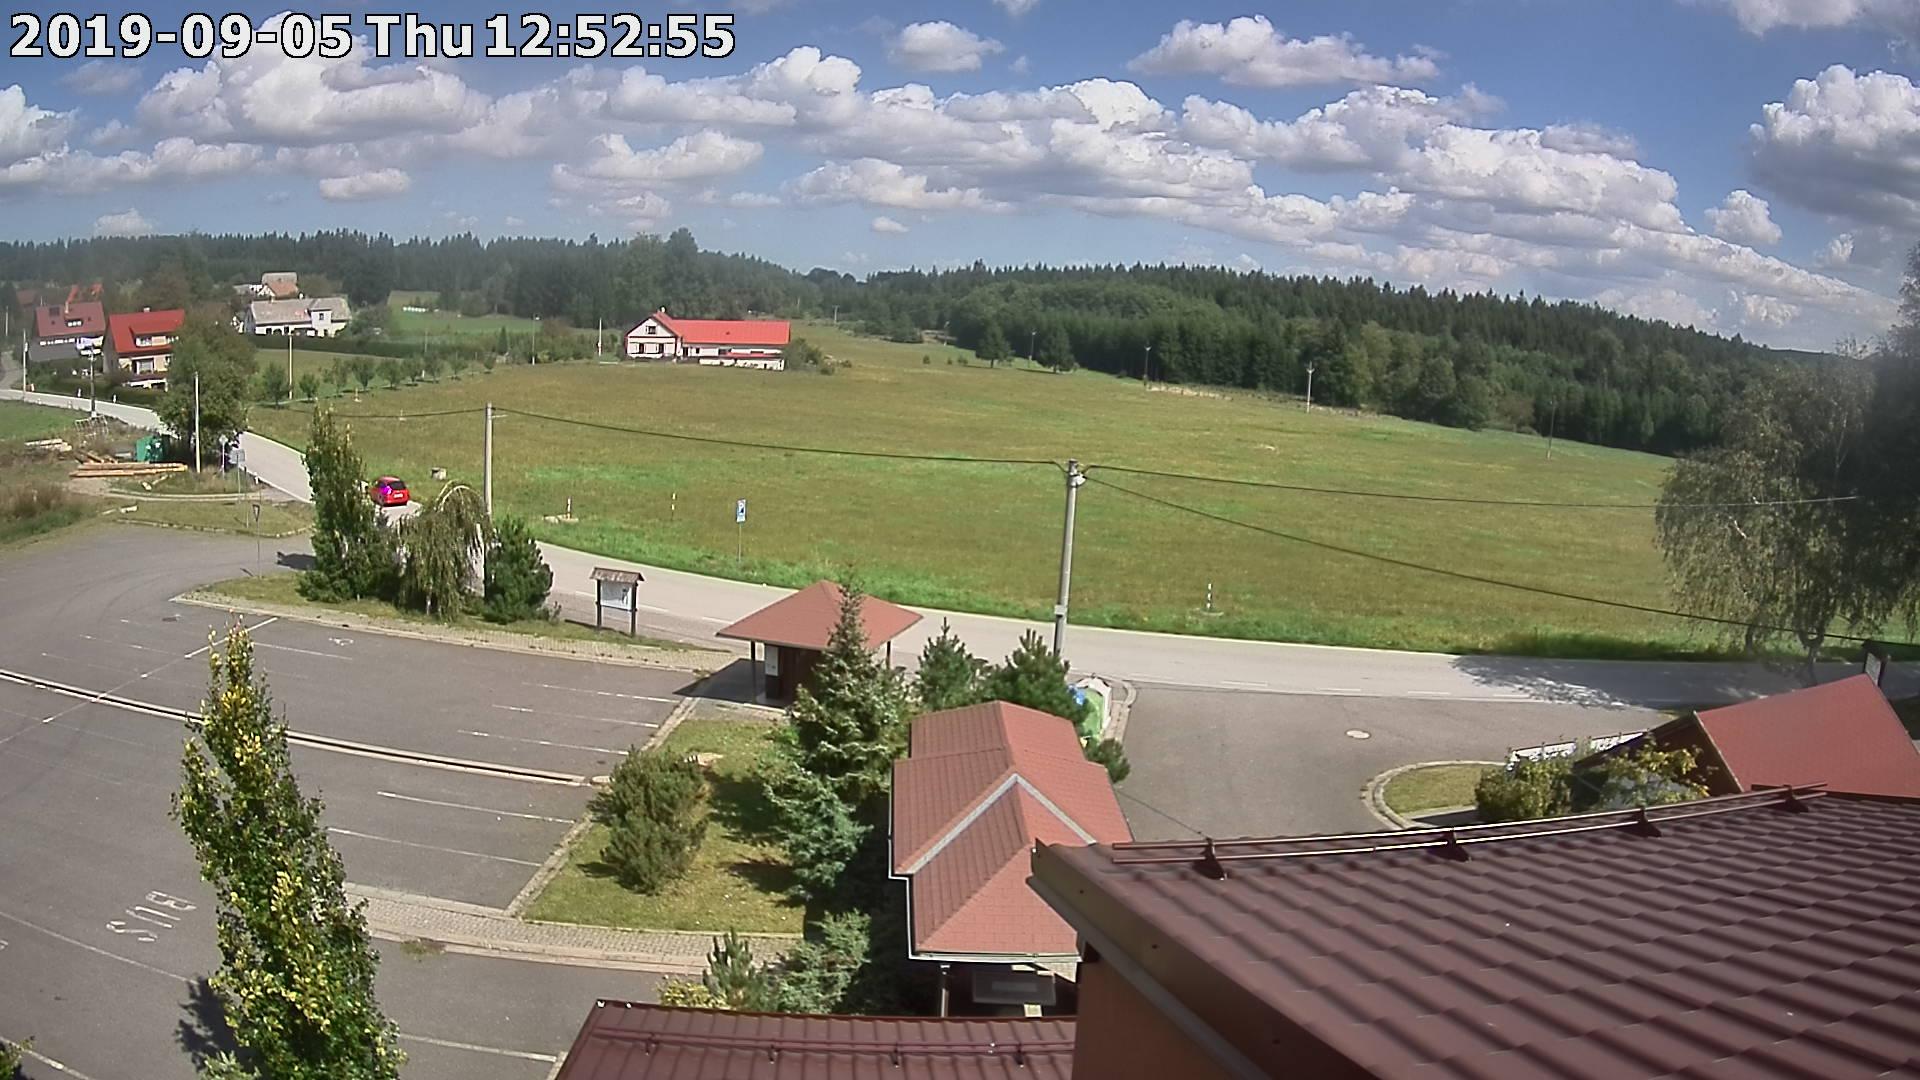 Webkamera ze dne 2019-09-05